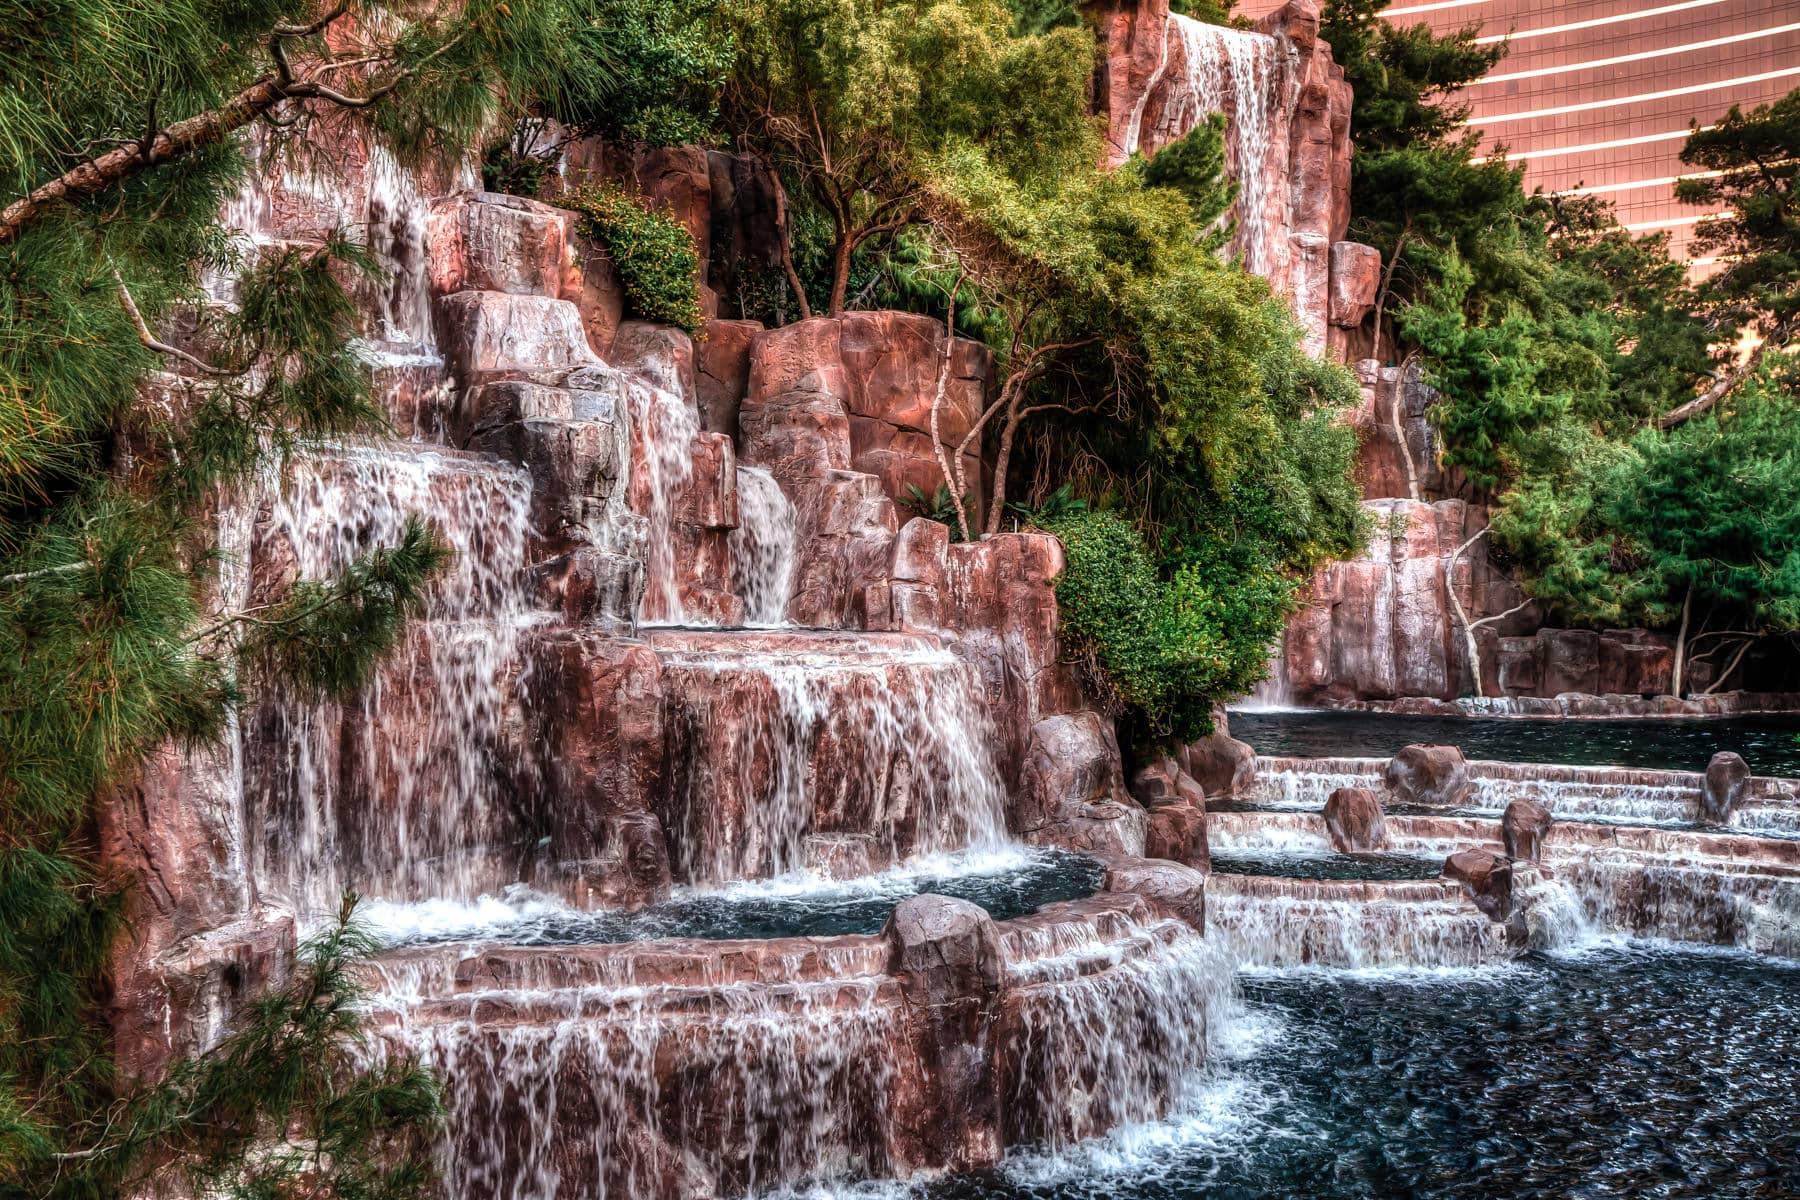 The waterfalls outside of the Wynn Las Vegas Hotel & Casino.